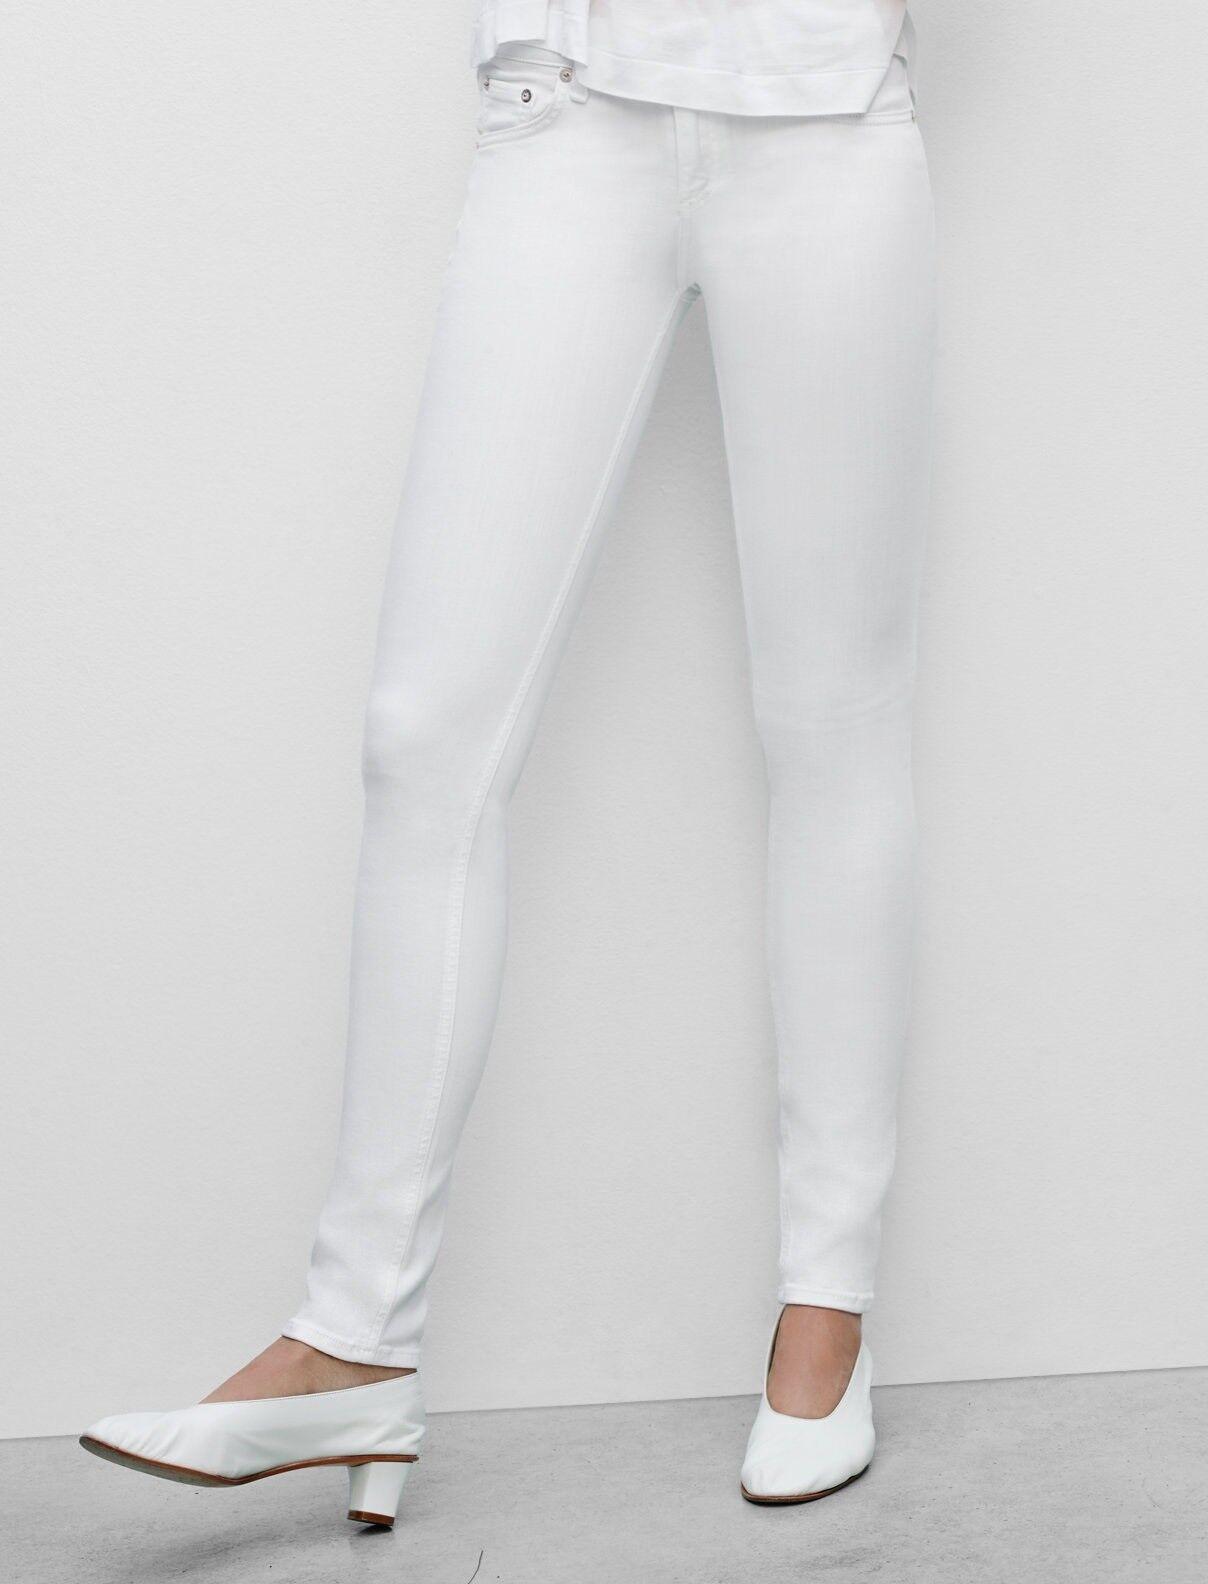 NWT  Rag & Bone  JEAN Skinny Legging in White